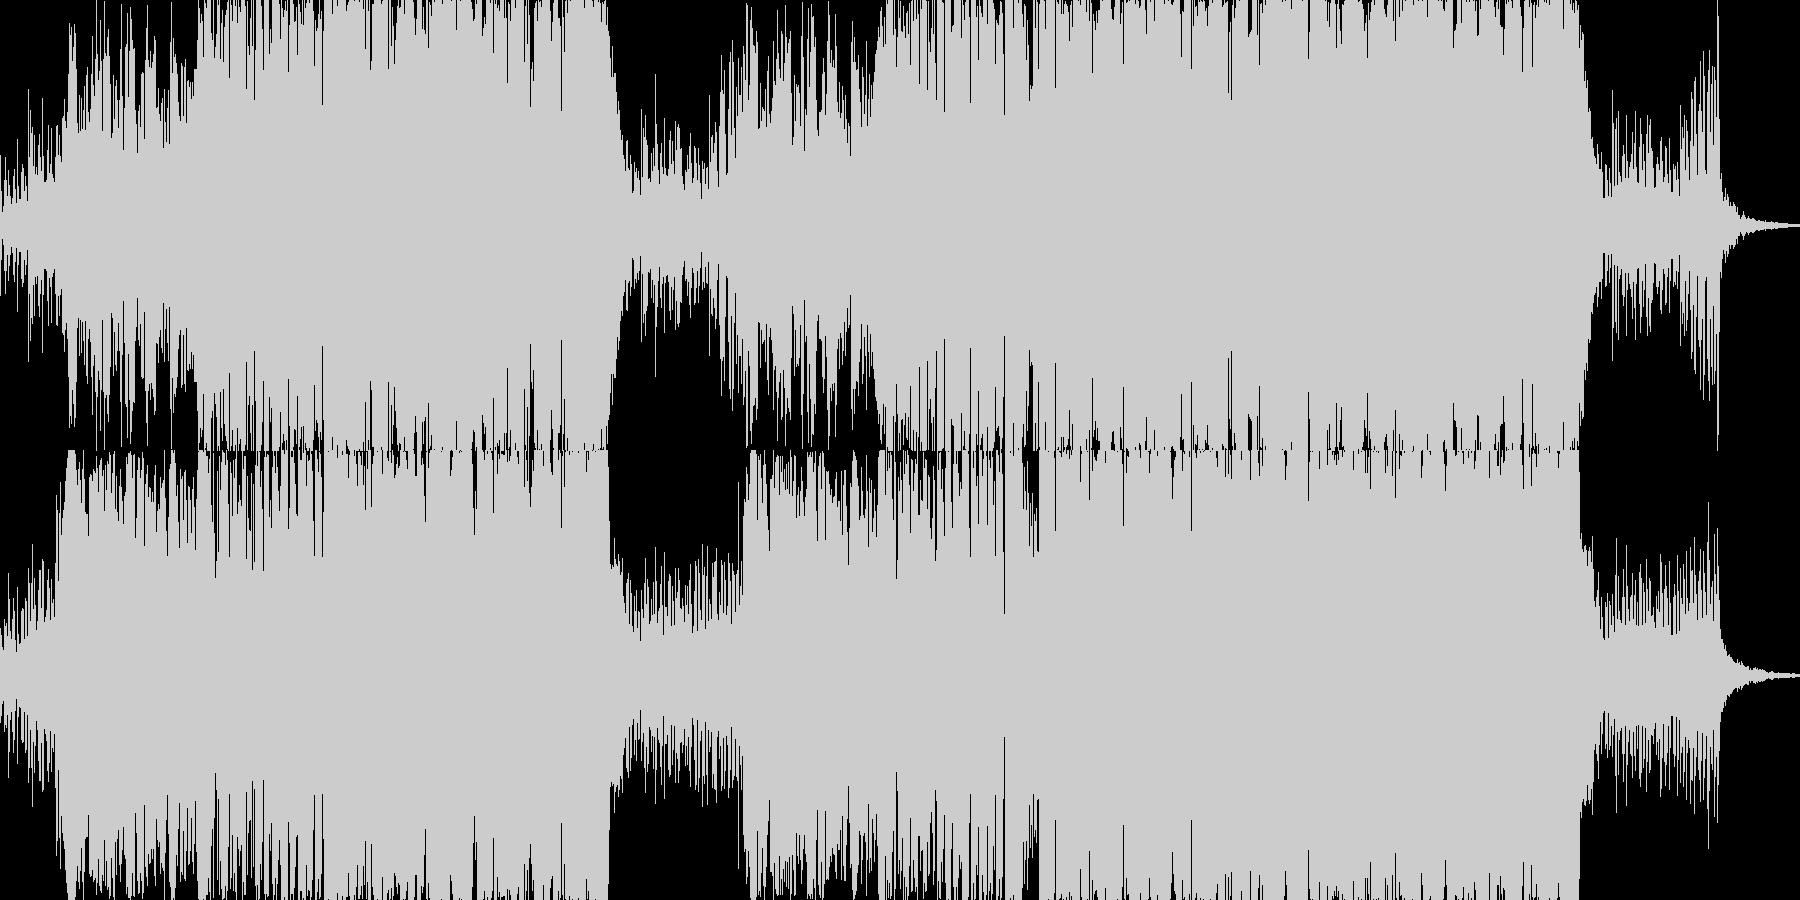 イルミネーションBGMオーケストラの未再生の波形